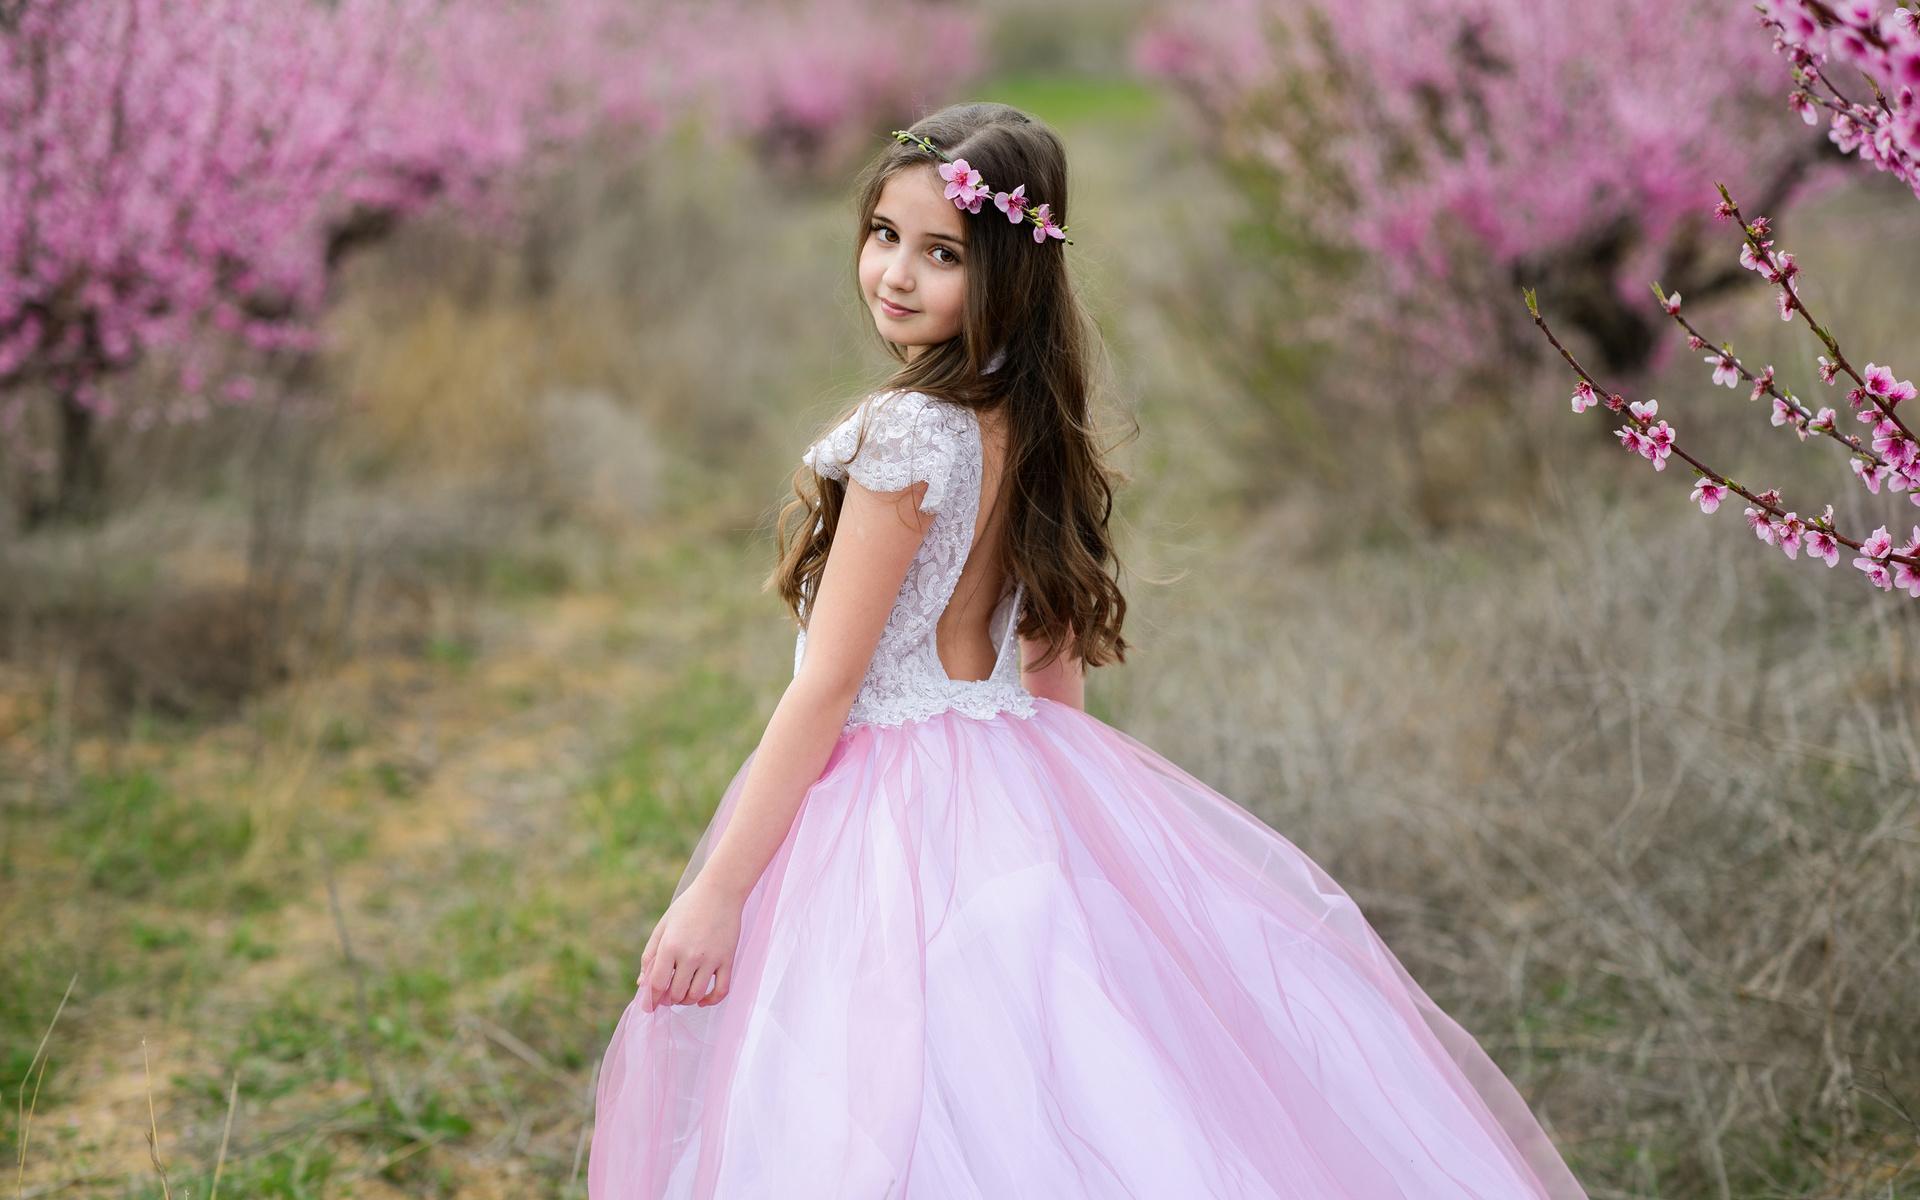 ребёнок, платья, девочка, смотрит